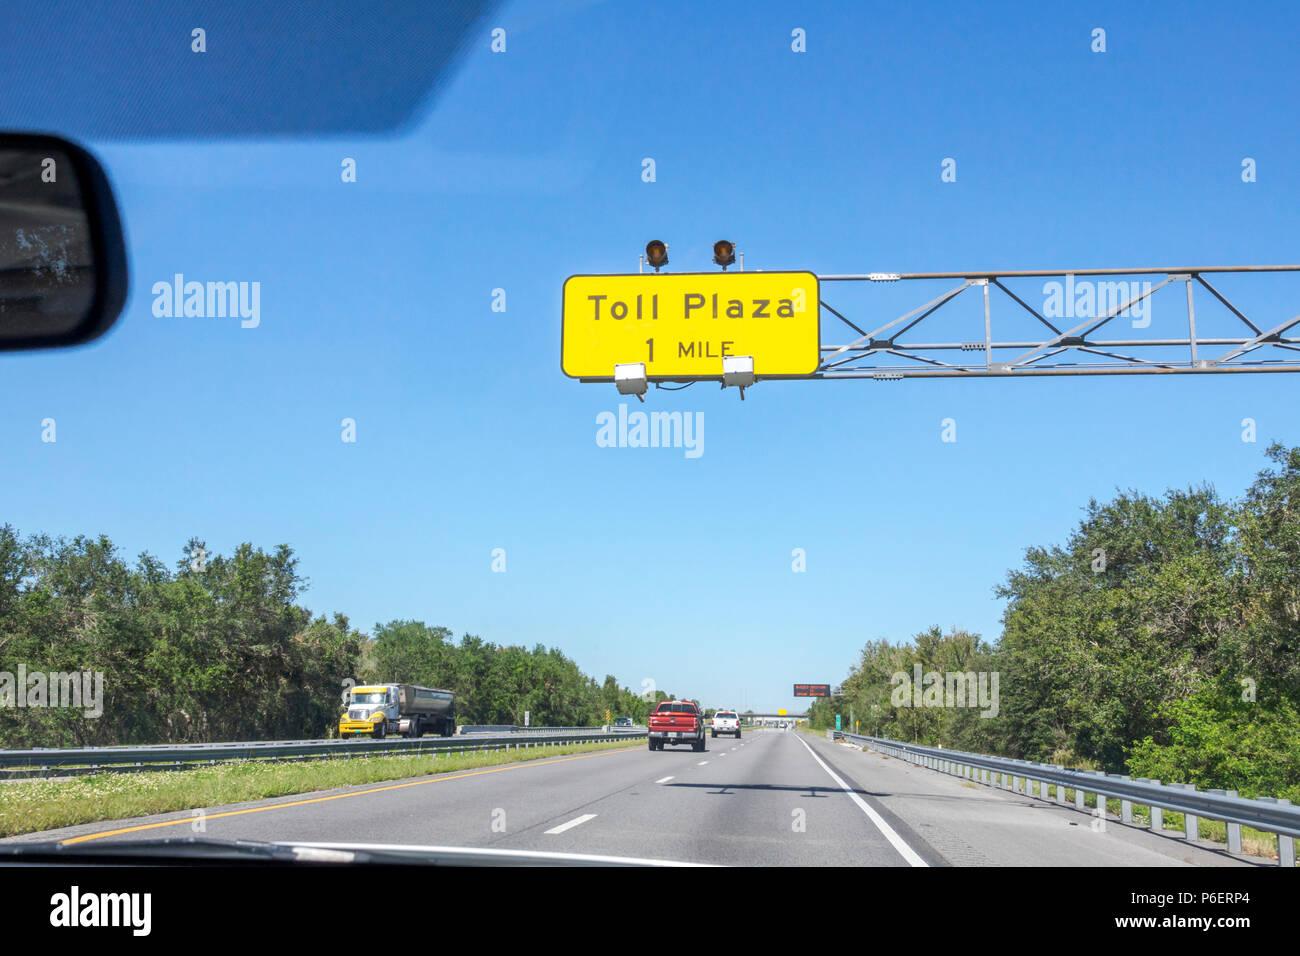 Fort Ft. Pierce Florida Florida Turnpike Road toll plaza informations sur la distance de la route chaussée signe Photo Stock